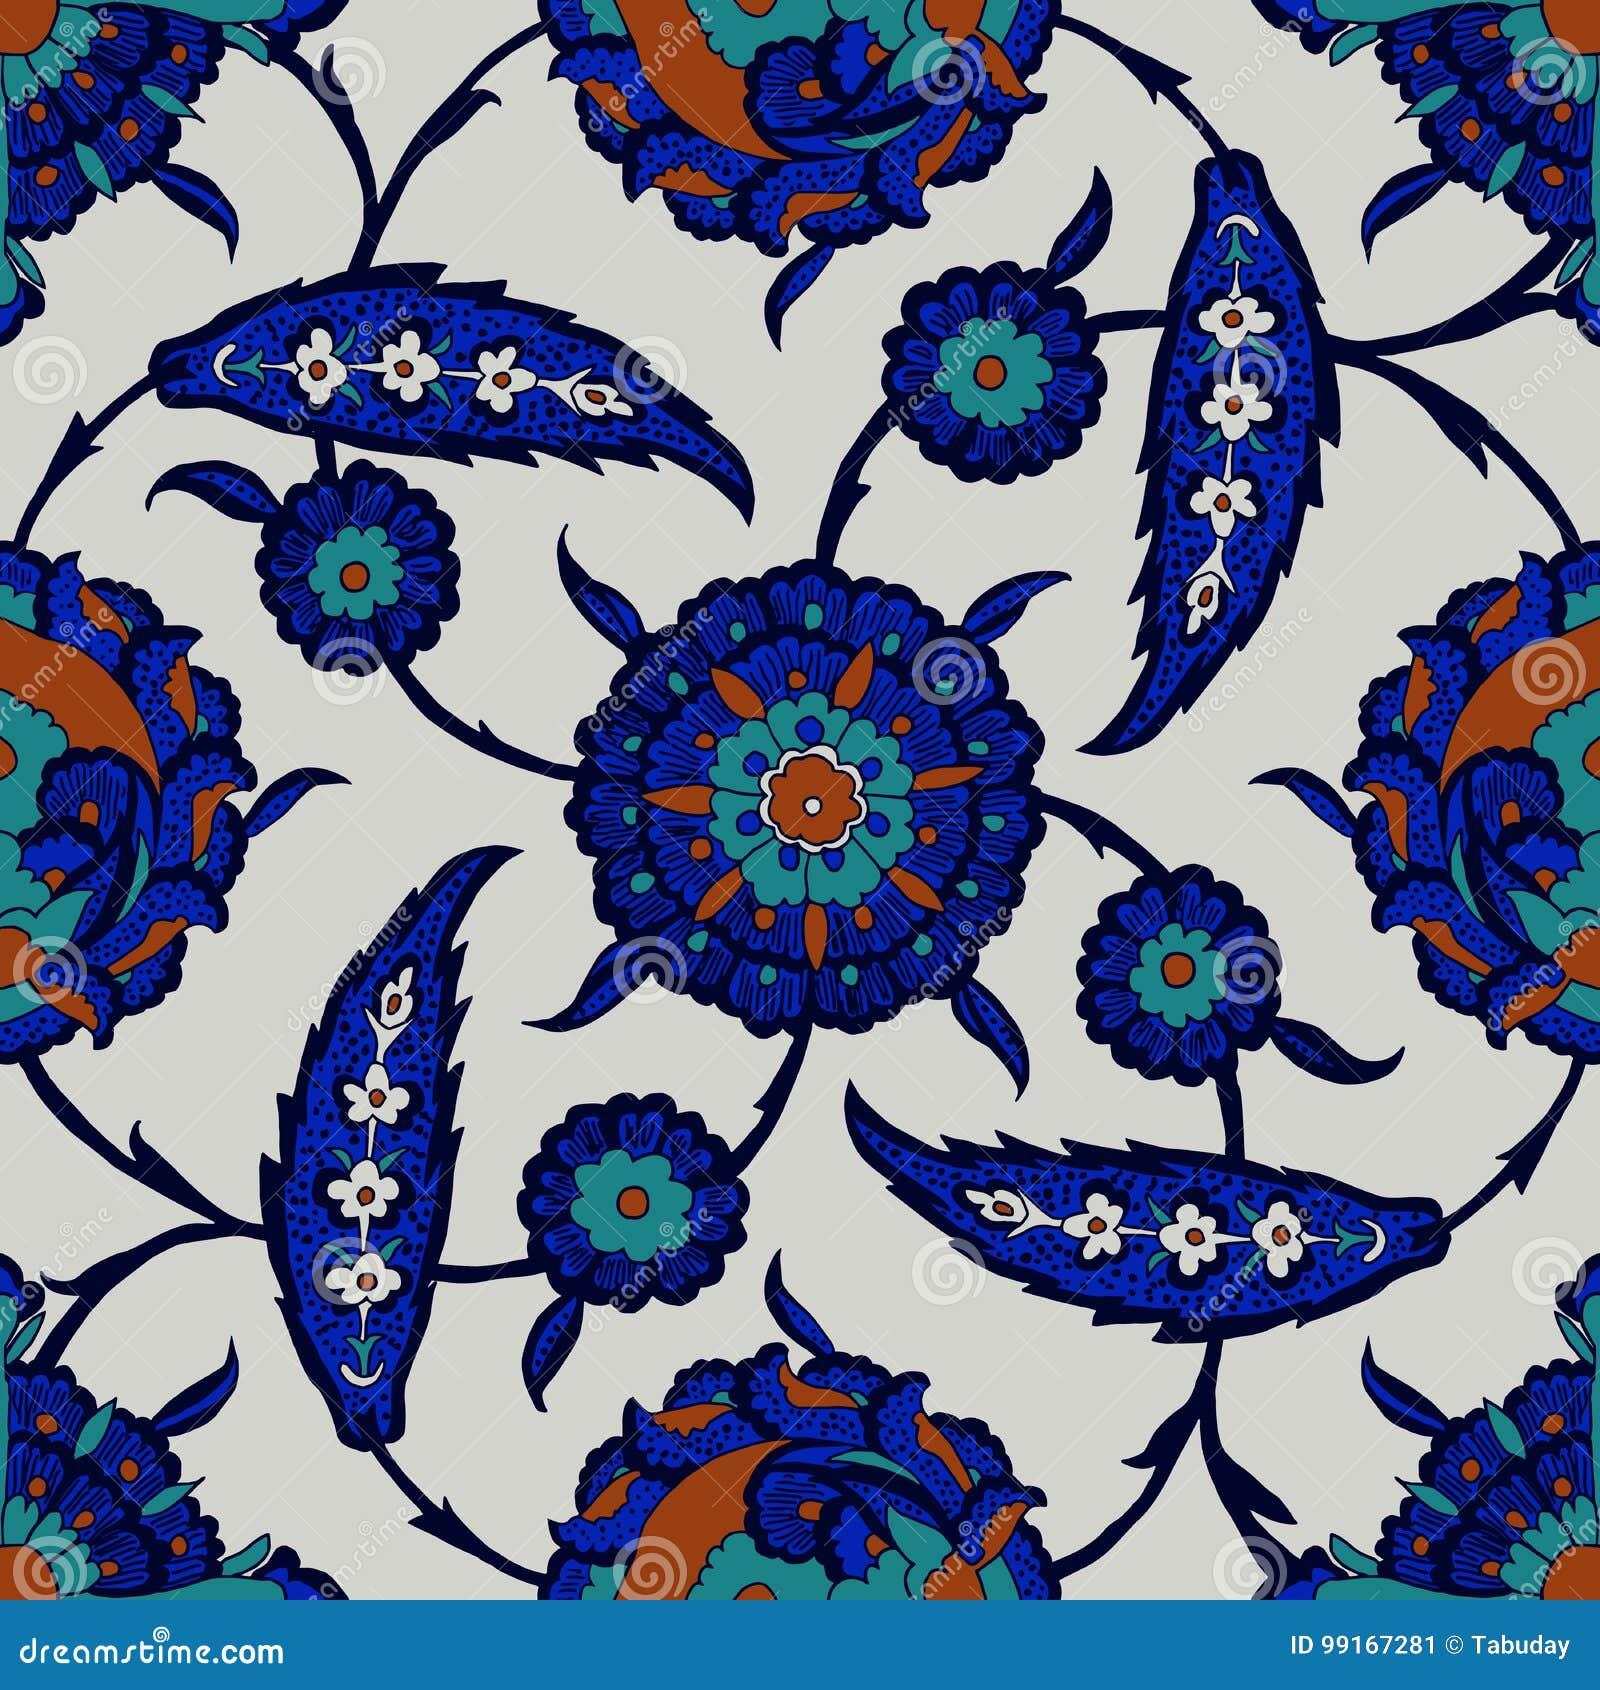 Iznik Fliesen Muster Vektor Abbildung Illustration Von Floral